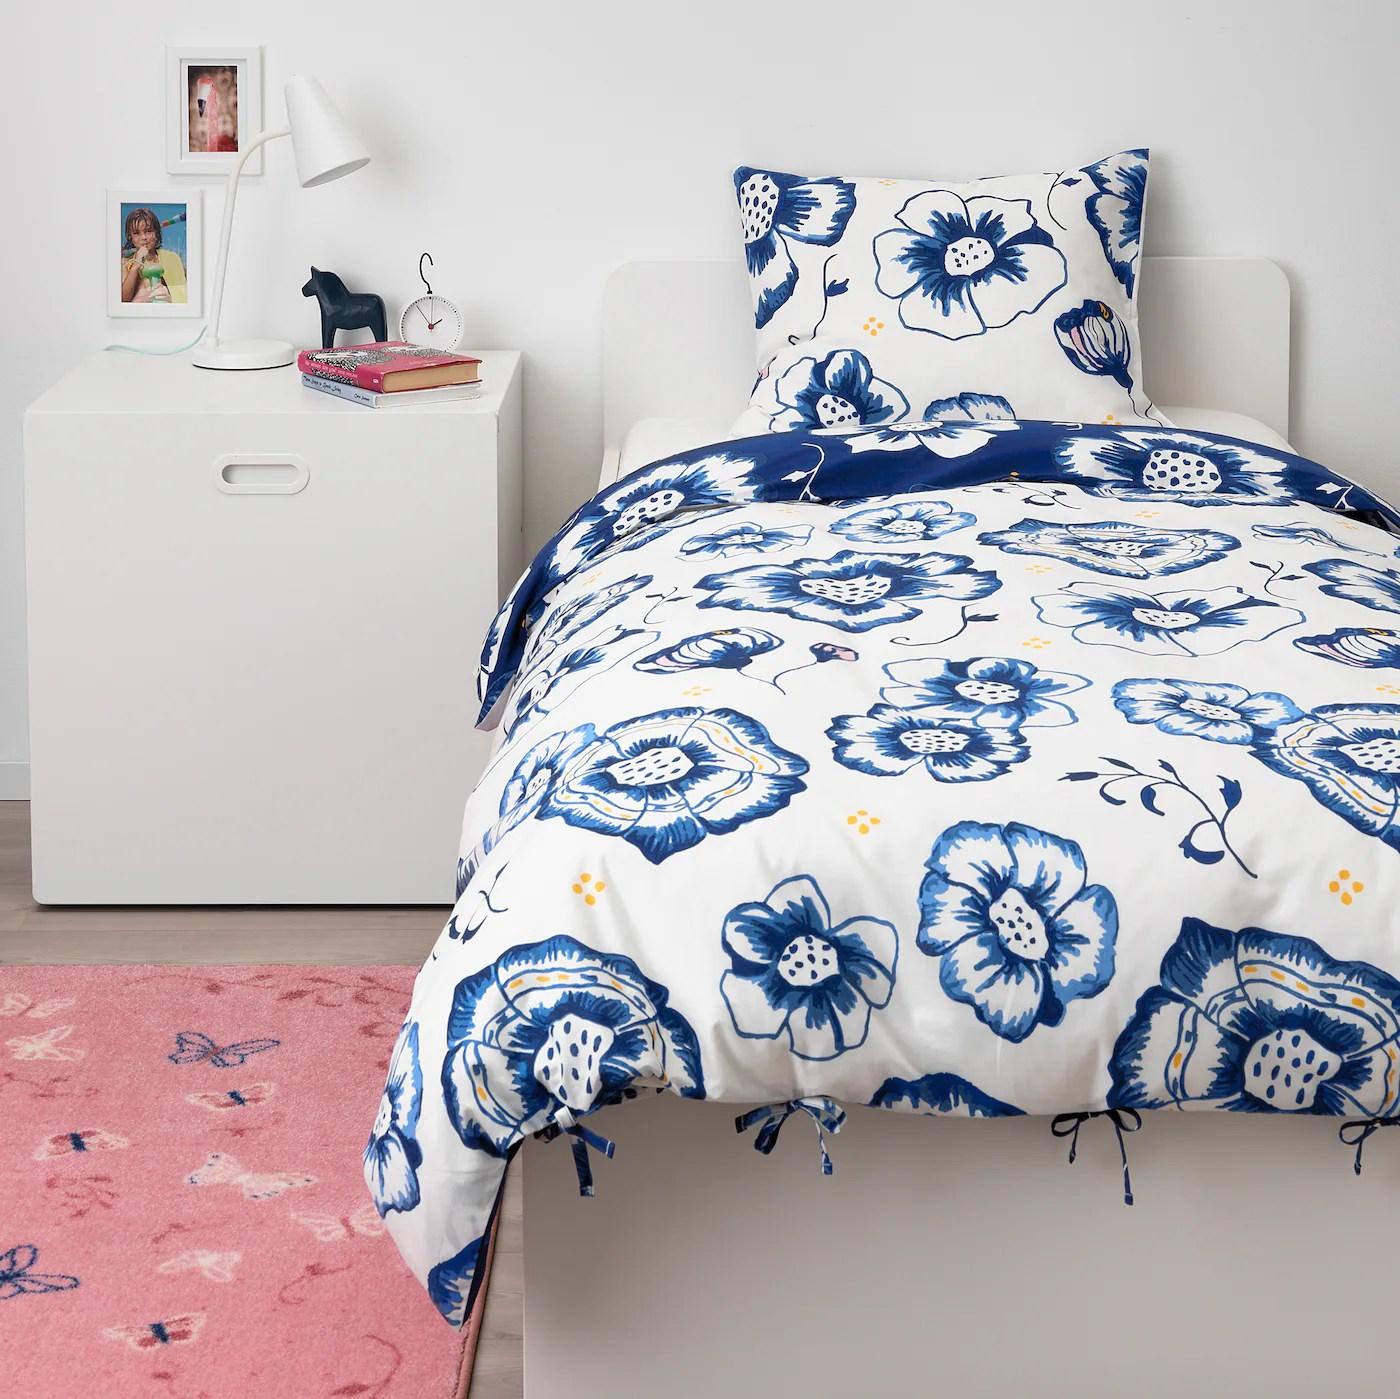 Sanglarka Housse De Couette Et Taie Fleur Bleu Fonce Blanc 150x200 65x65 Cm Ikea